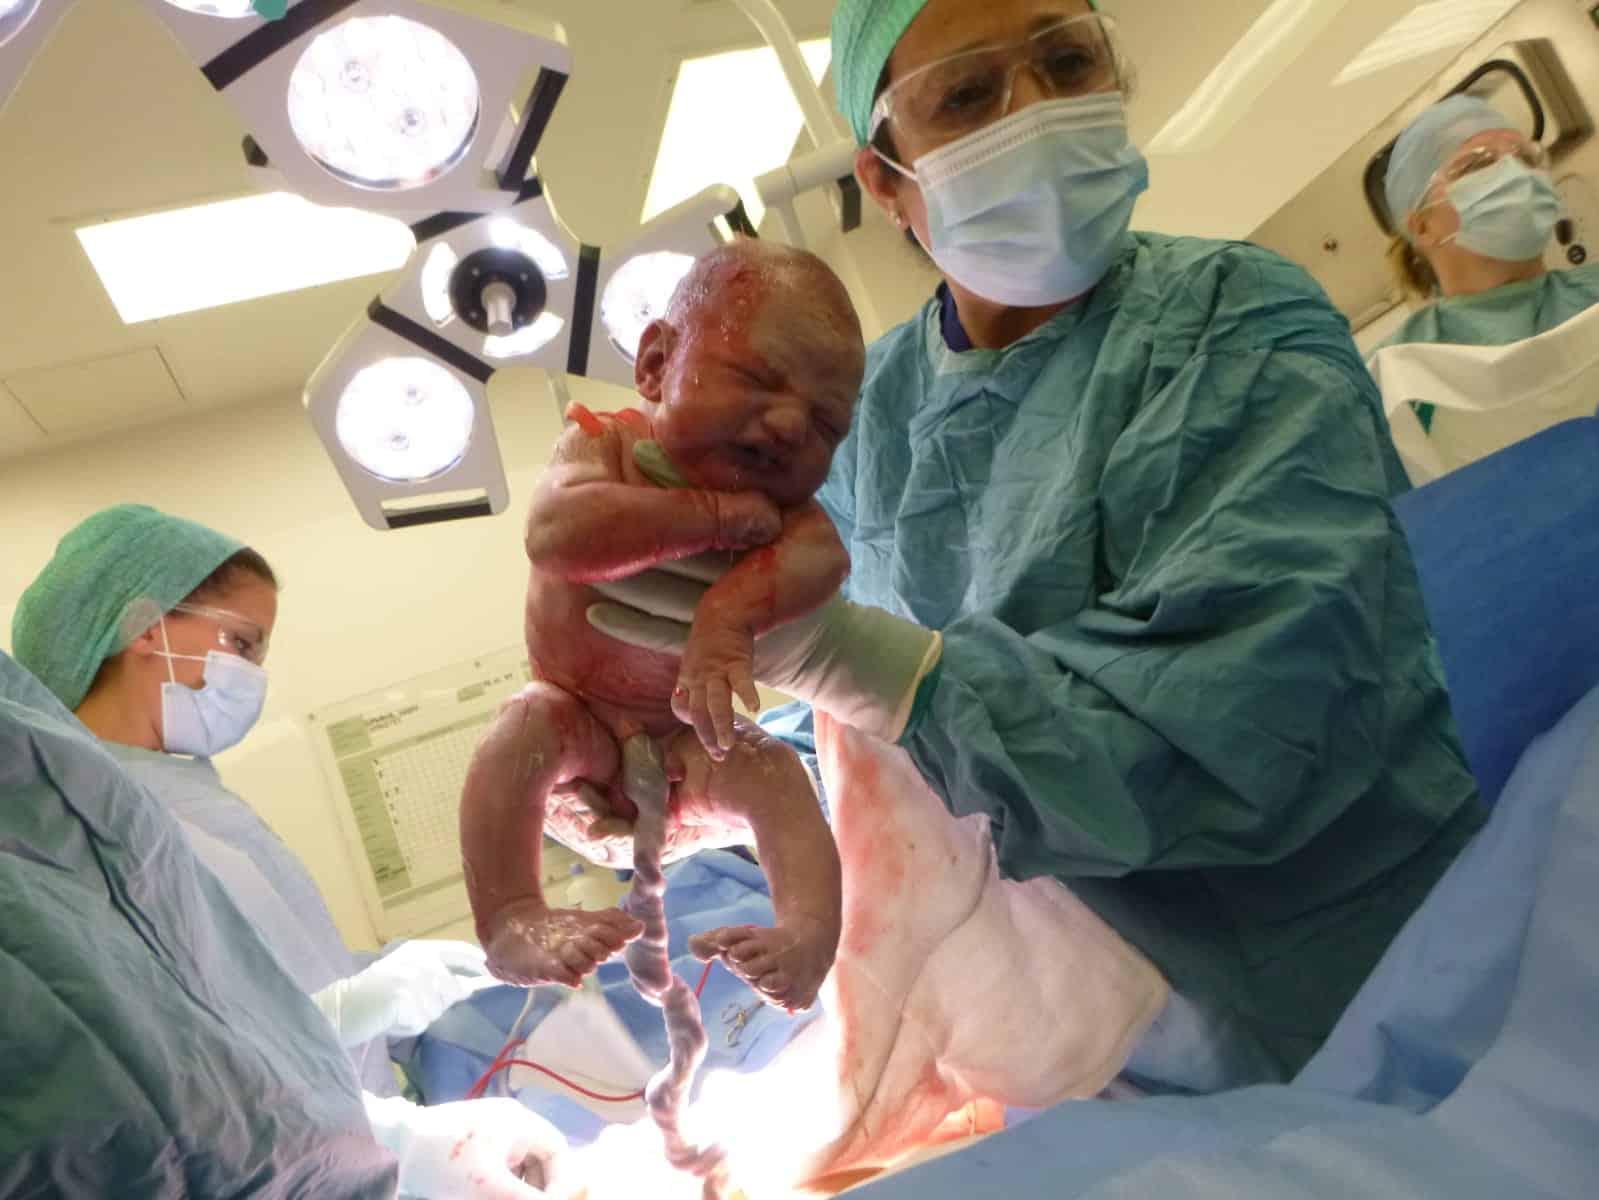 cesarean birth baby being born